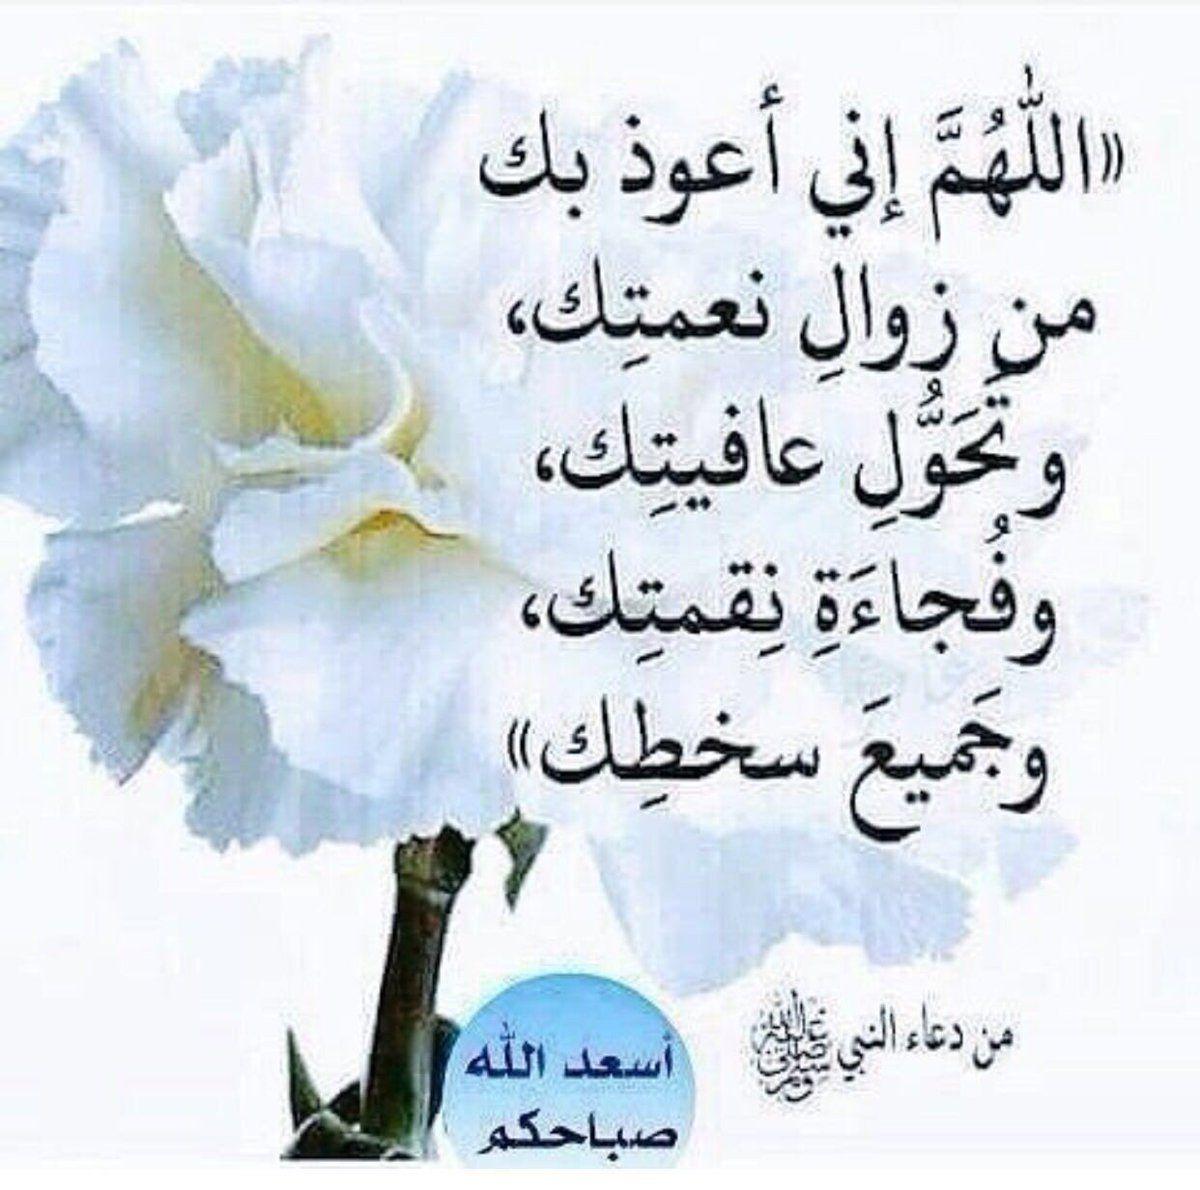 من دعاء النبي صلى الله عليه وسلم Beautiful Morning Messages Islamic Quotes Wallpaper Good Morning Arabic